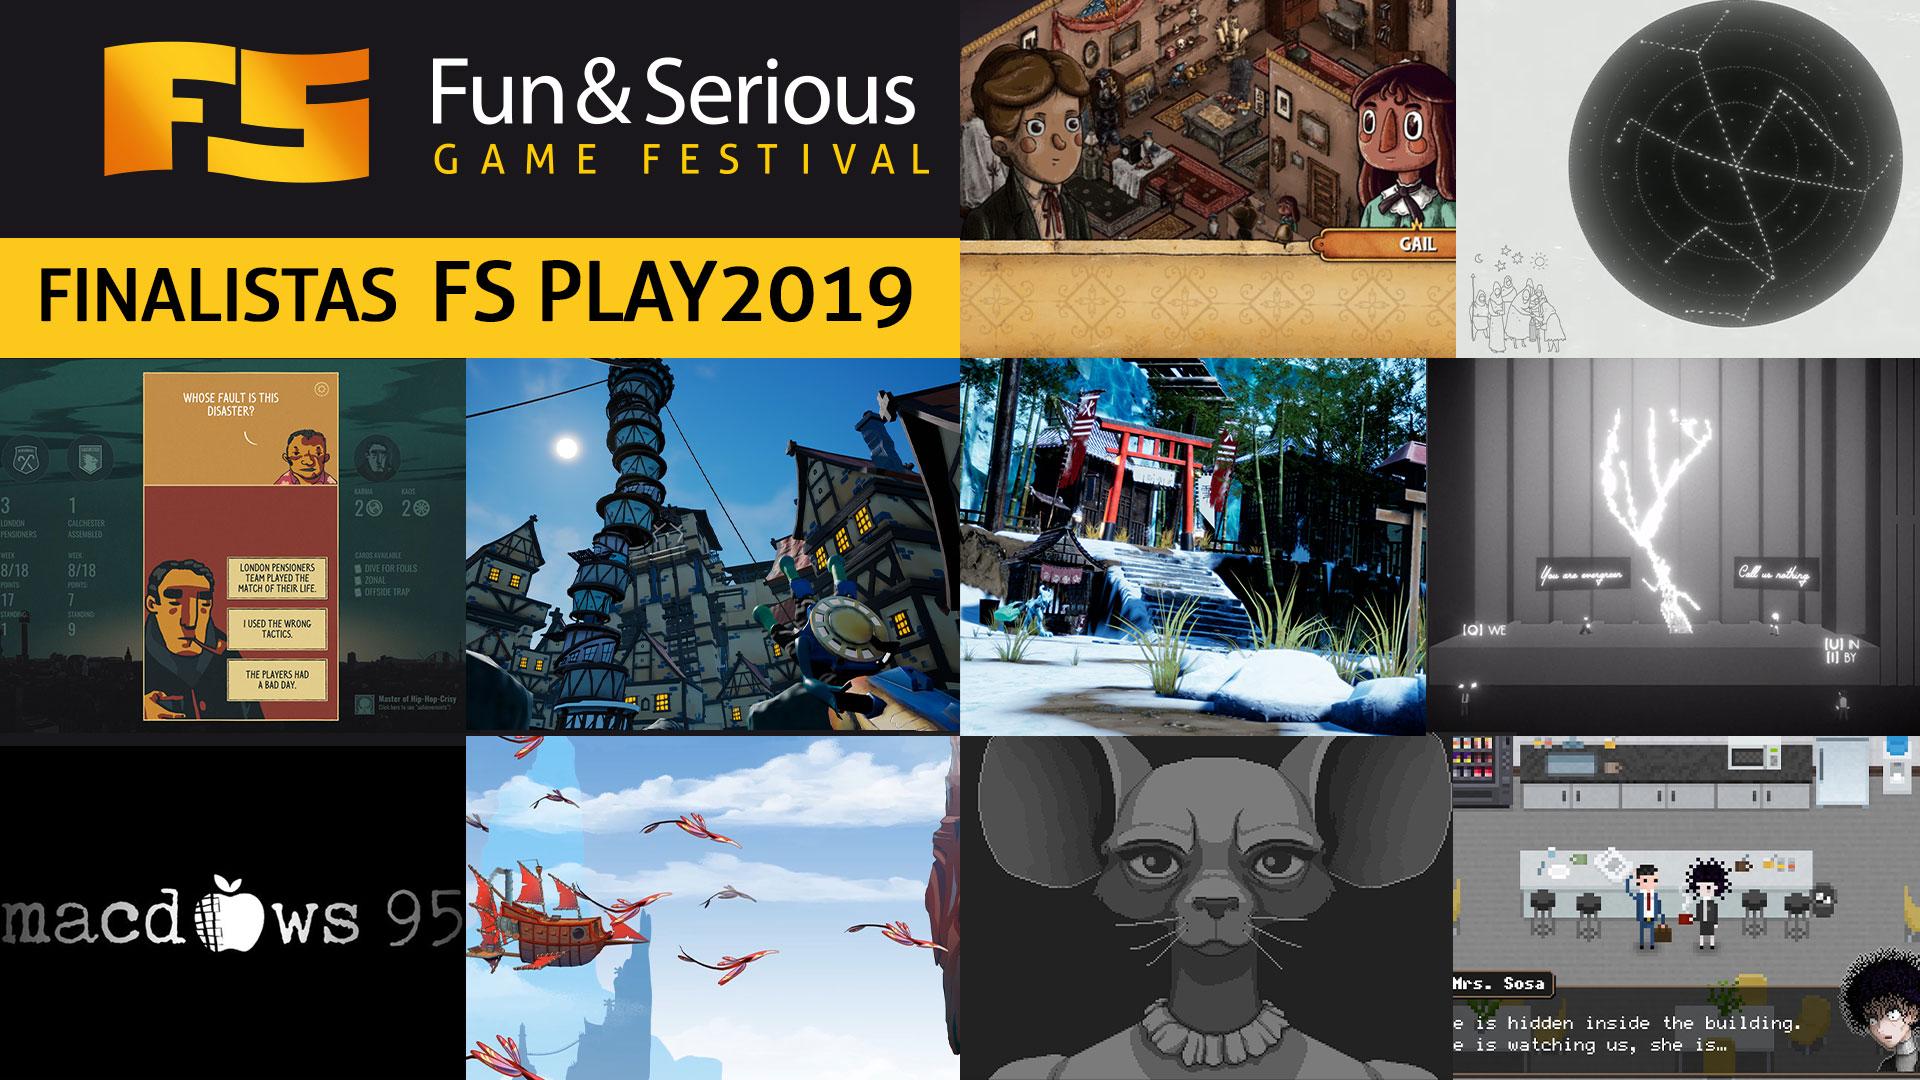 finalistas-fs-play-2019